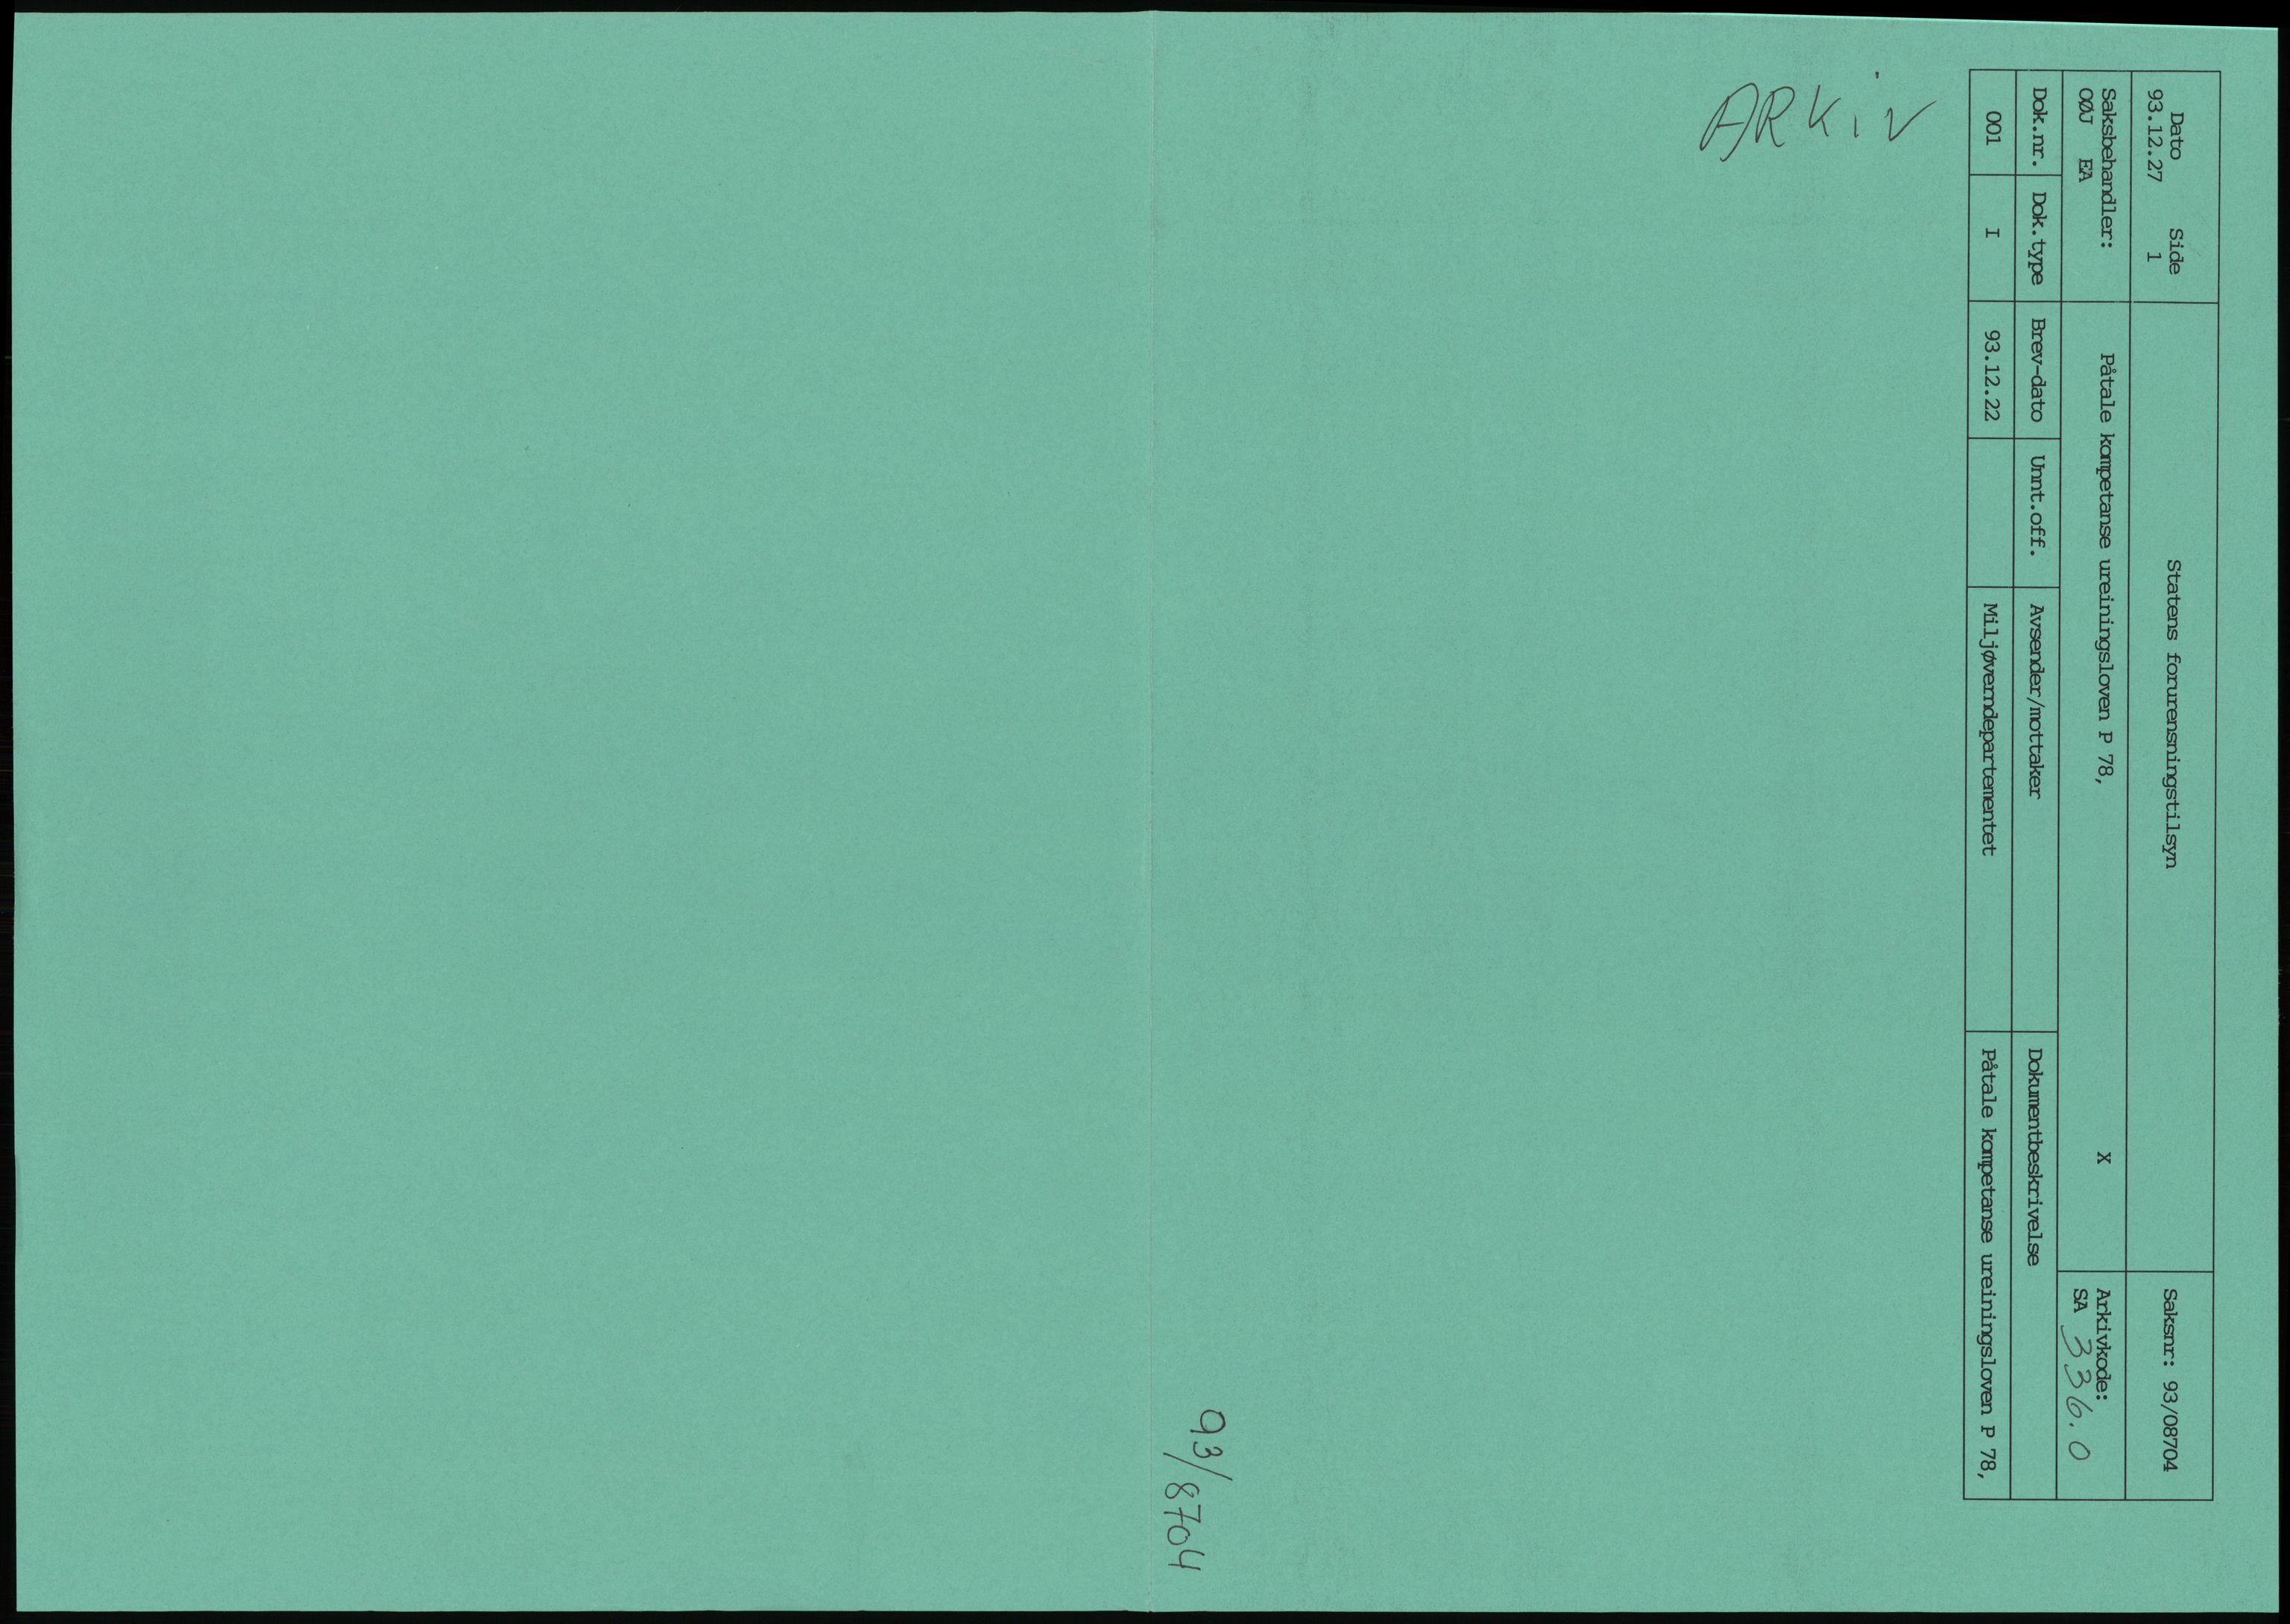 RA, Statens forurensningstilsyn, hovedkontoret, D/Da/L0440: Lover, forskrifter og juridiske spørsmål, 1984-1993, p. 1